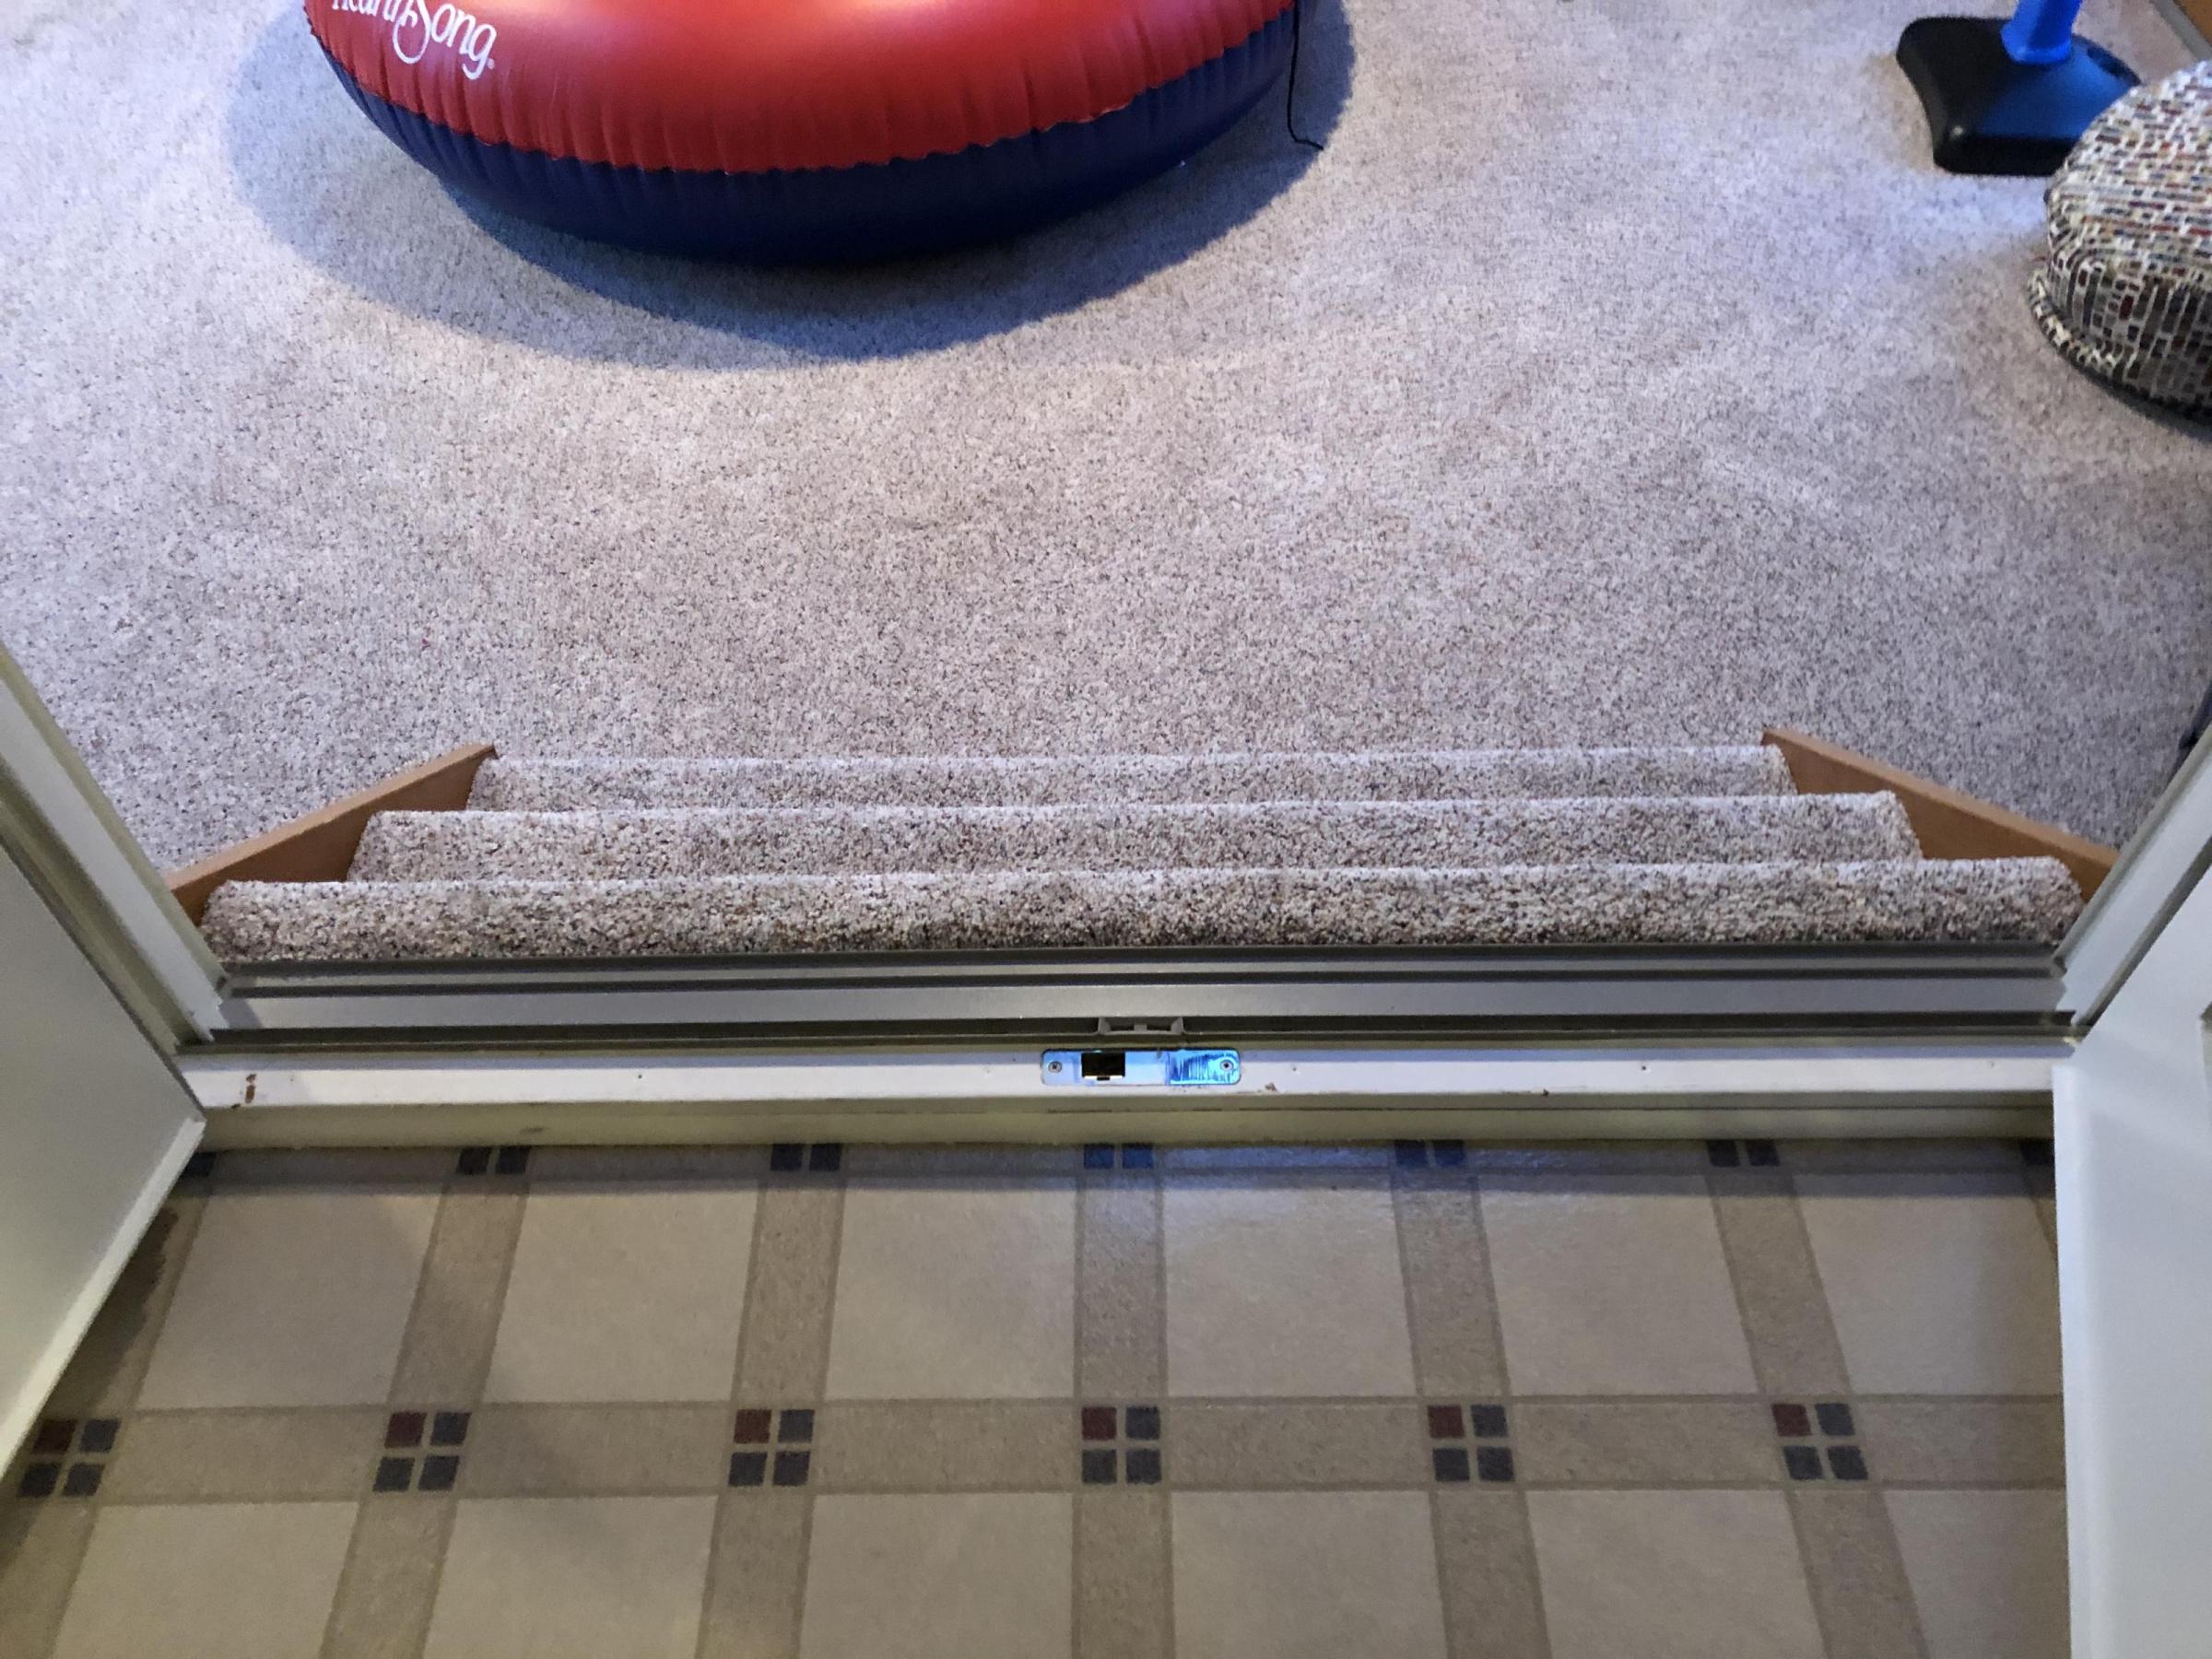 Door Floor Plate Transition ideas-21ae59d9-60a9-4e64-8ab4-ac3d8934f78a_1578921994721.jpg